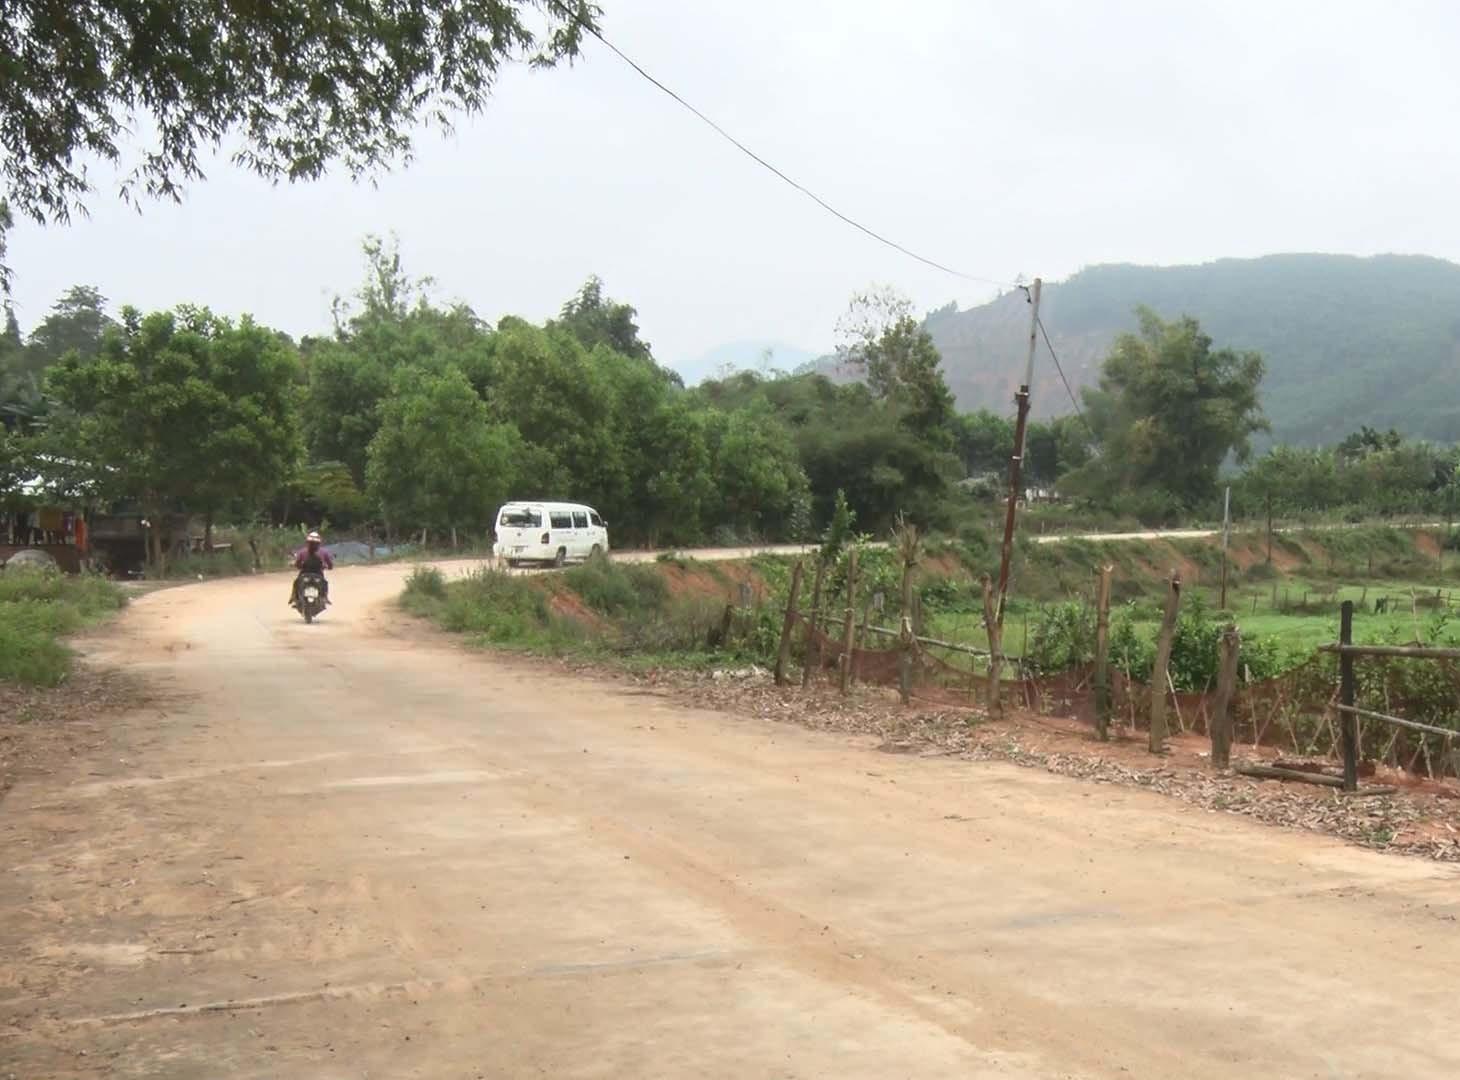 Tuyến ĐH đoạn qua thôn Phước Hội (xã Quế Lâm) được mở rộng, tạo điều kiện phát triển kinh tế, xã hội cho địa phương. Ảnh: LÊ THÔNG